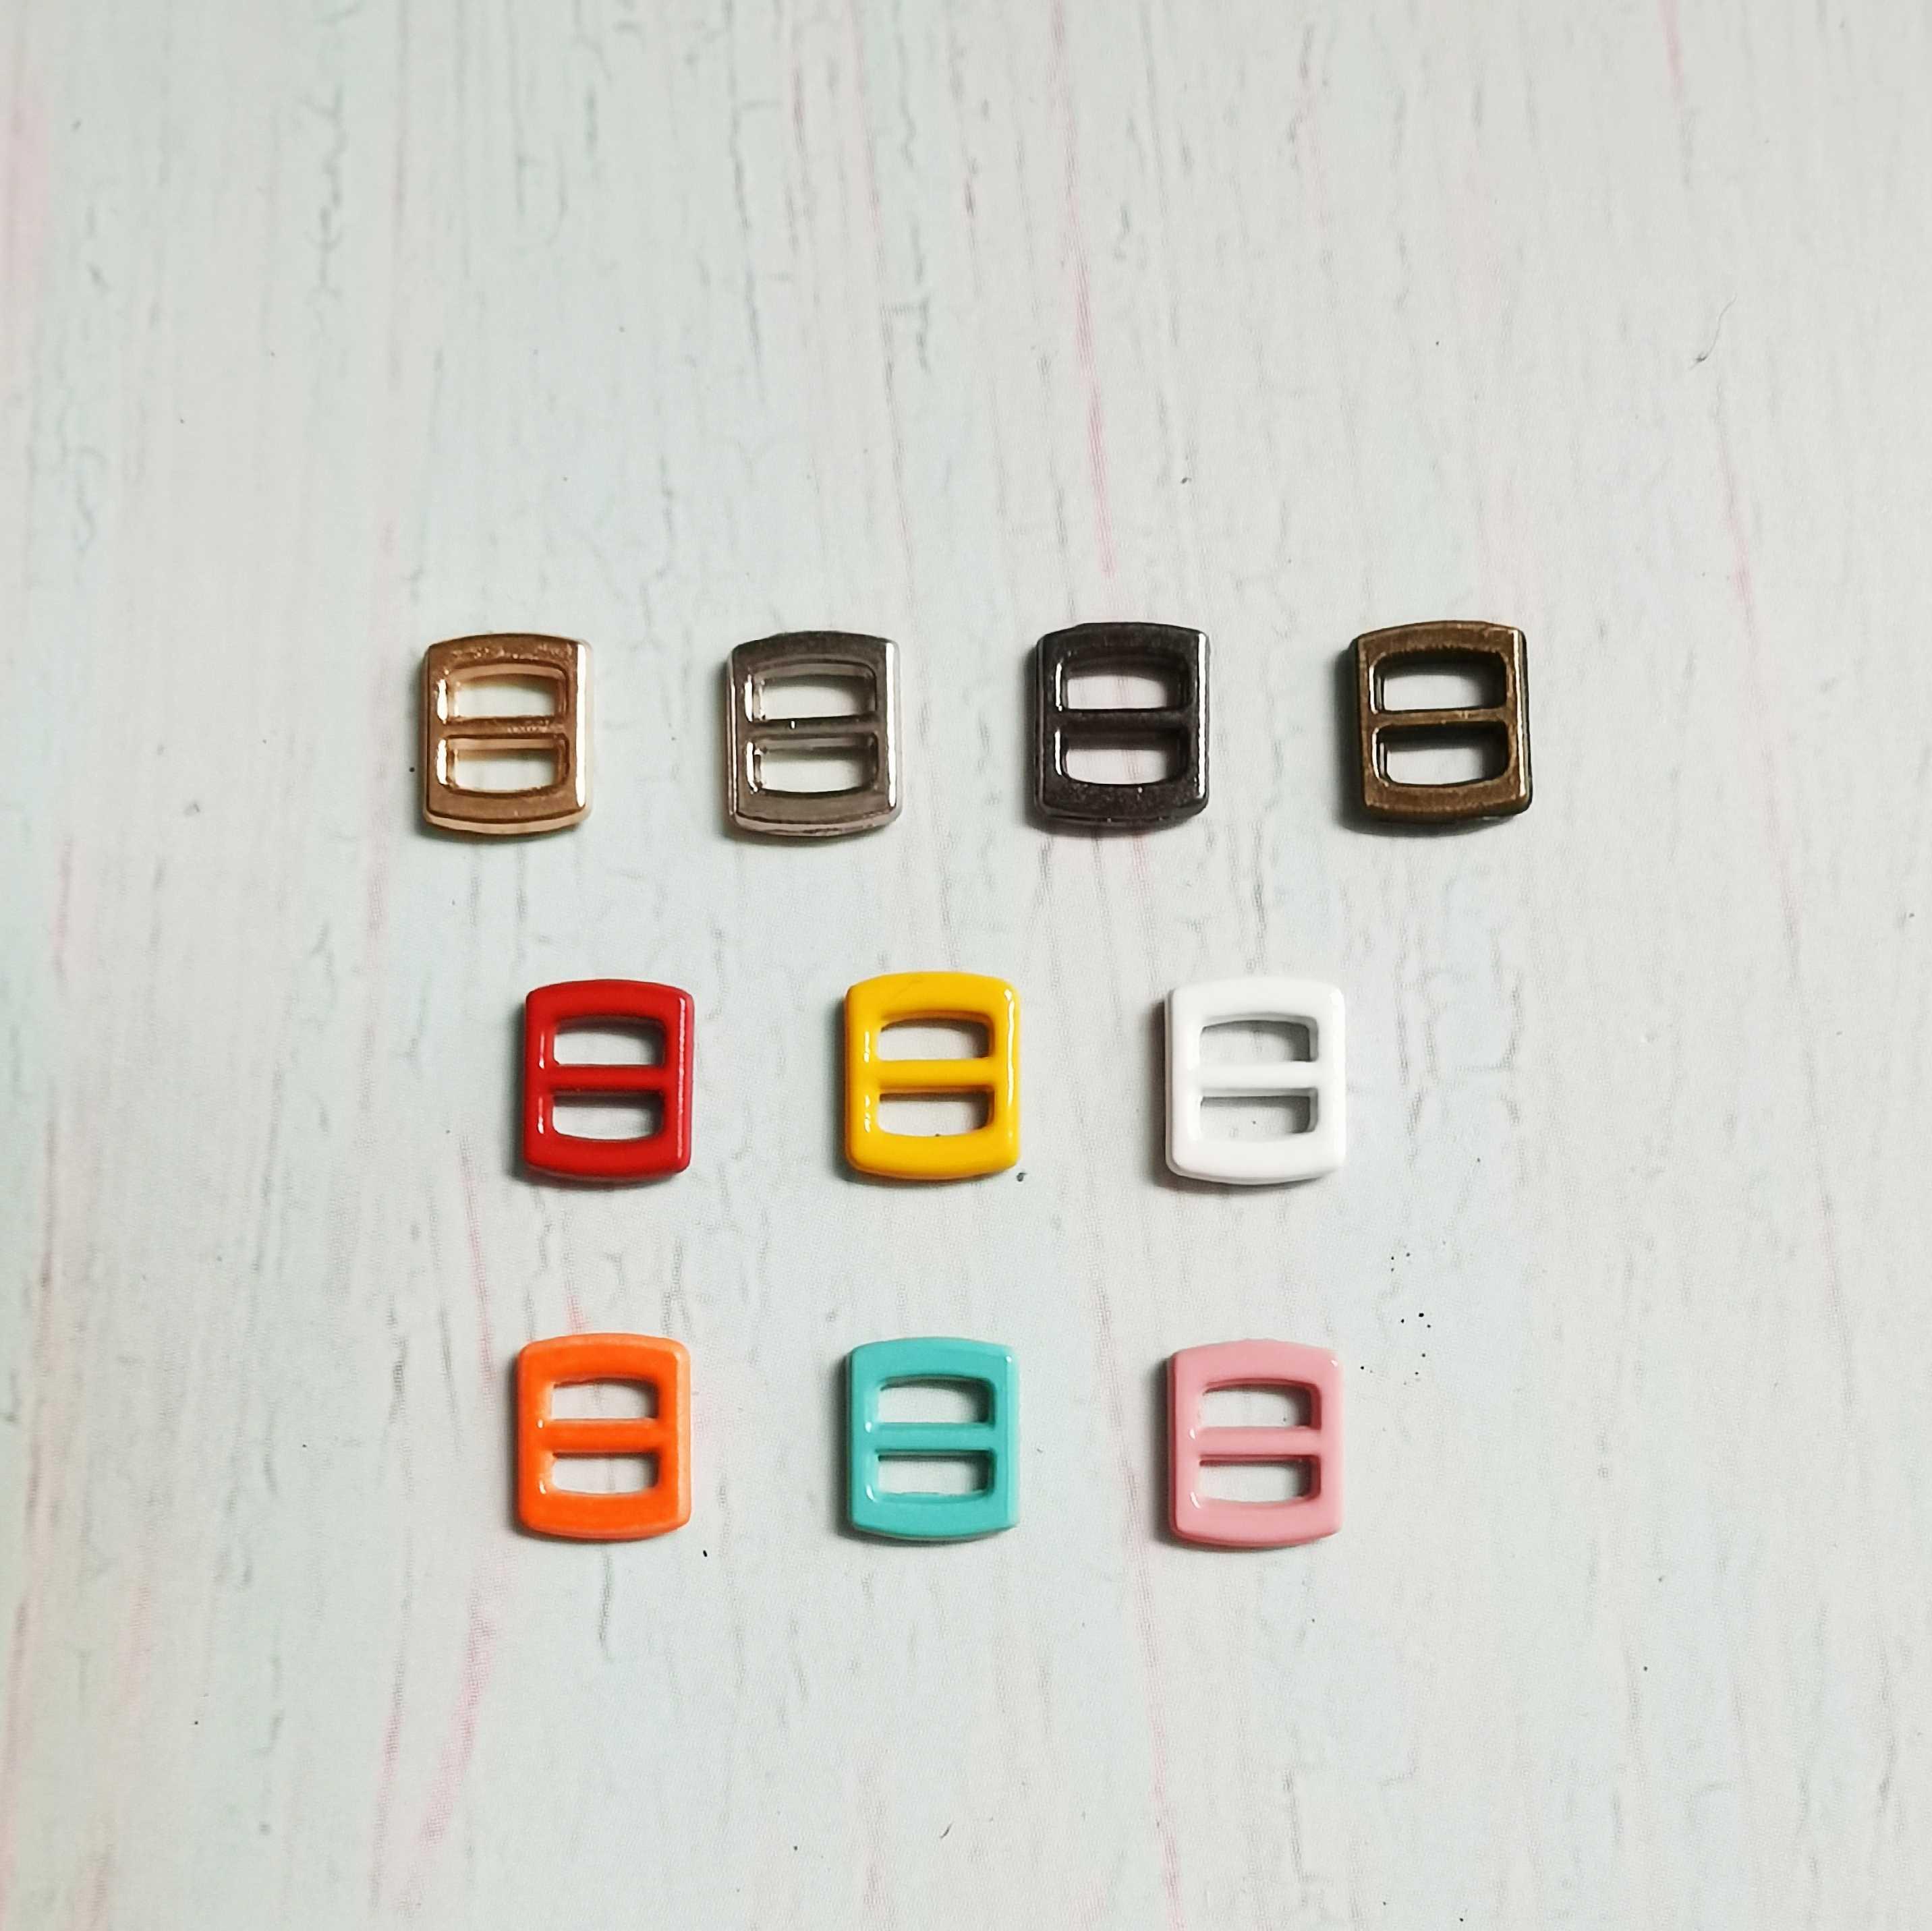 内径3mm日字扣bjd小布可儿bjd娃娃衣迷你扣子小号彩色皮带扣纽扣